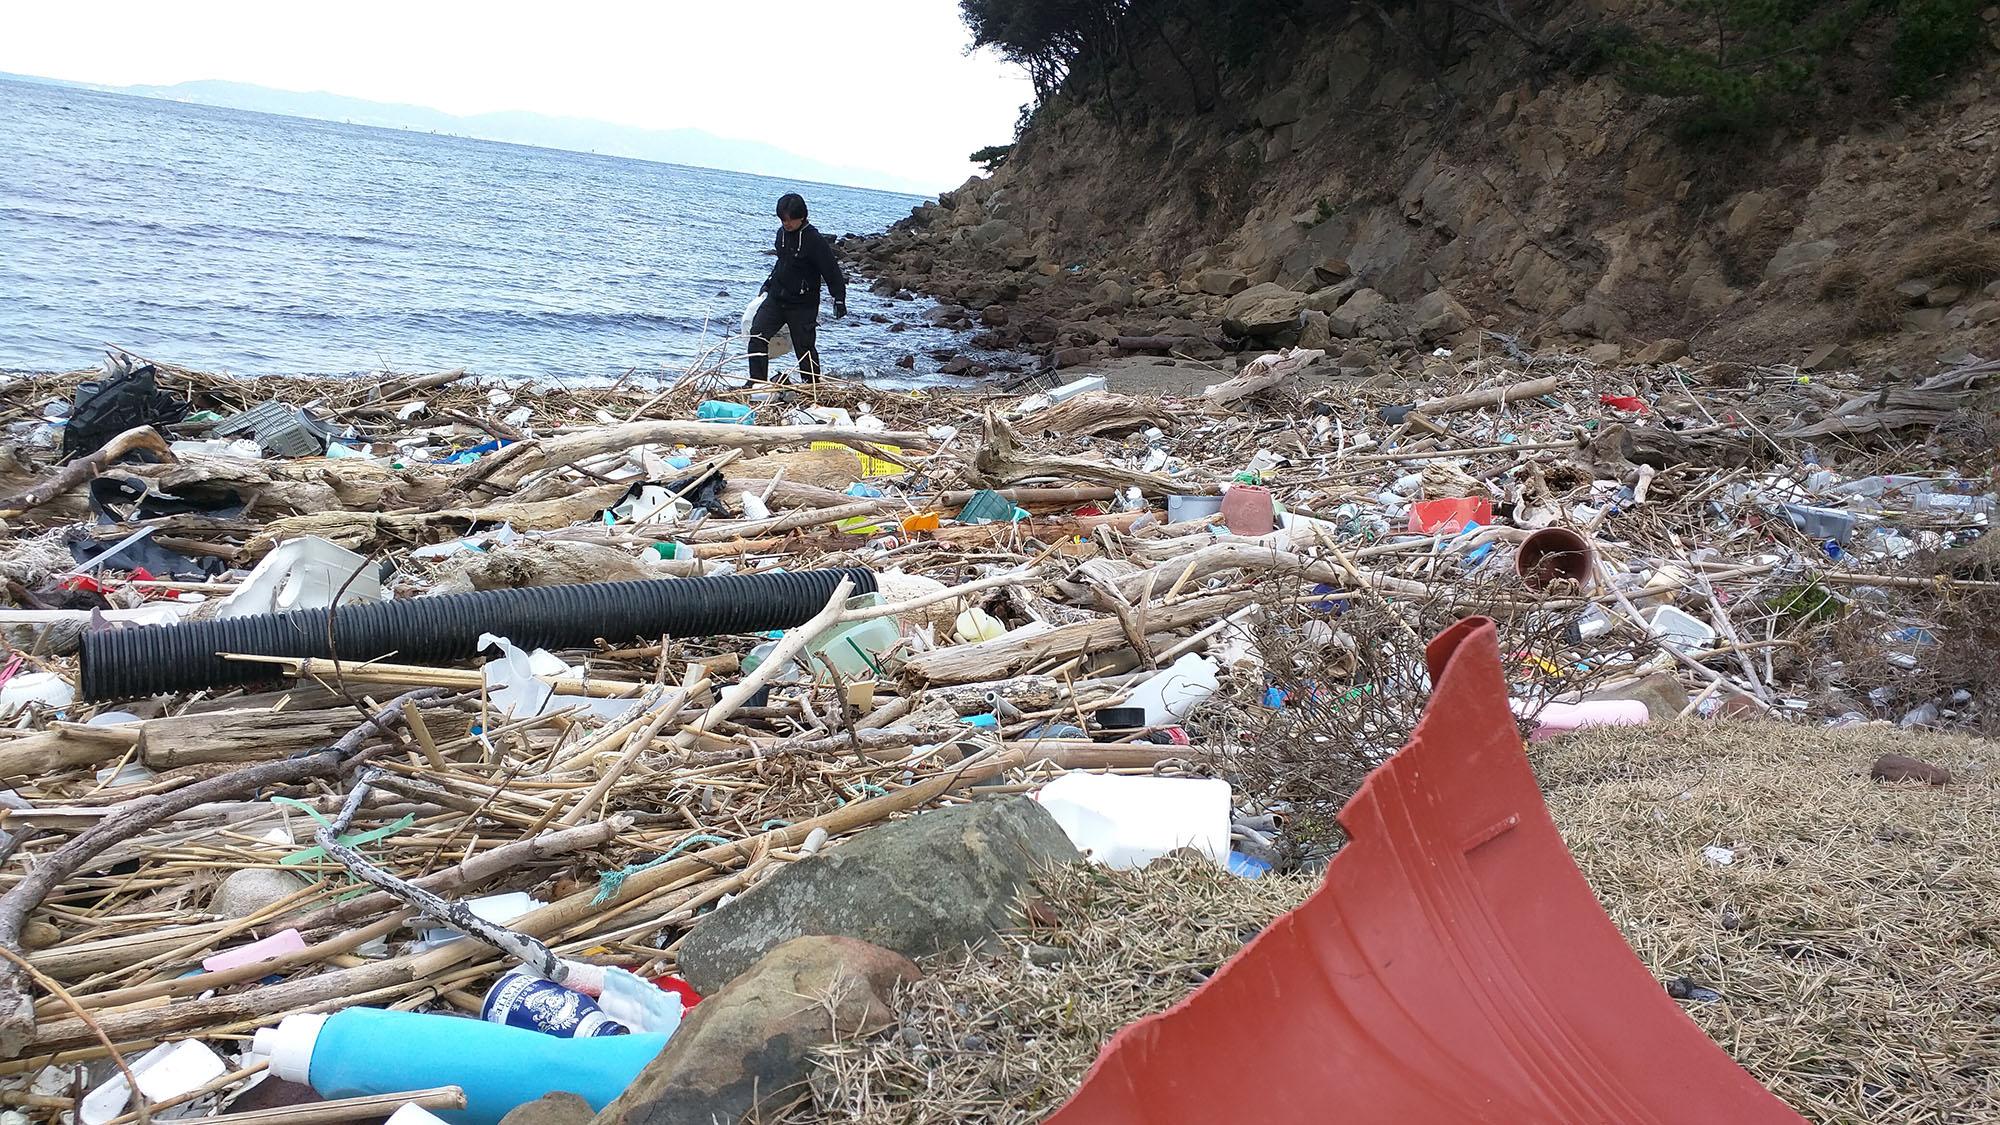 漂着ゴミ問題の友ヶ島の清掃作業